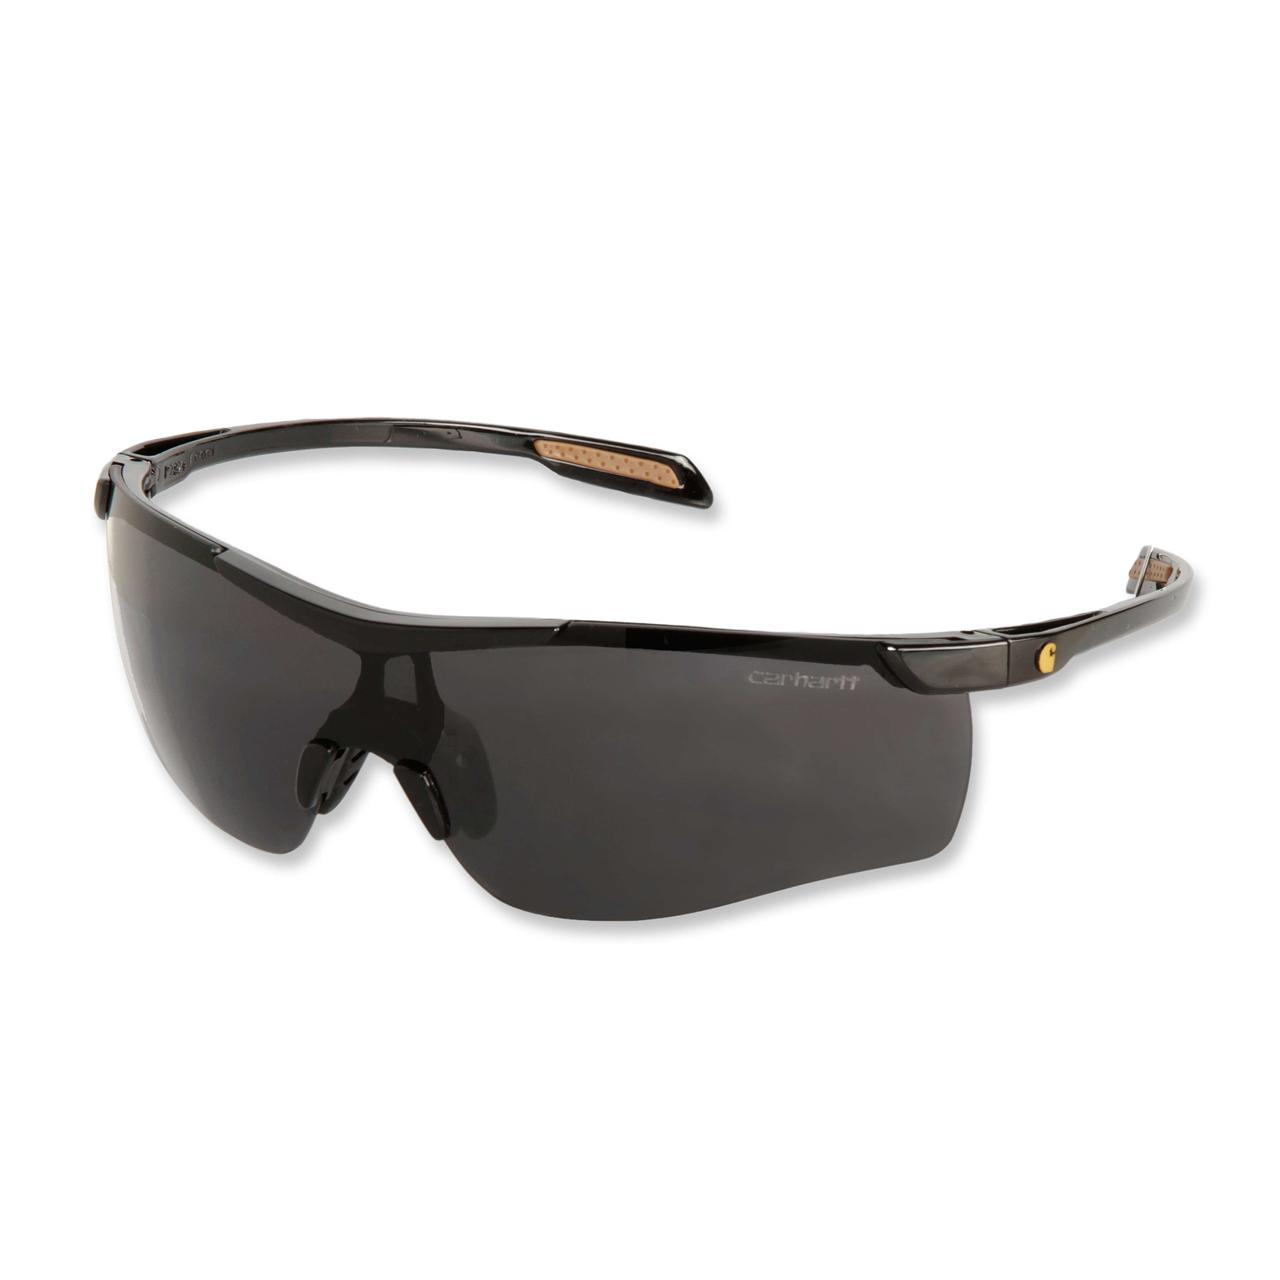 """Carhartt Beskyttelsesbrille Cayce Glasses """"Grey"""" - Mærker Diverse -> Arbejdstøj og sikkerhedssko Diverse Mærker -> Carhartt -> Beskyttelsesbriller Mærker -> Carhartt"""